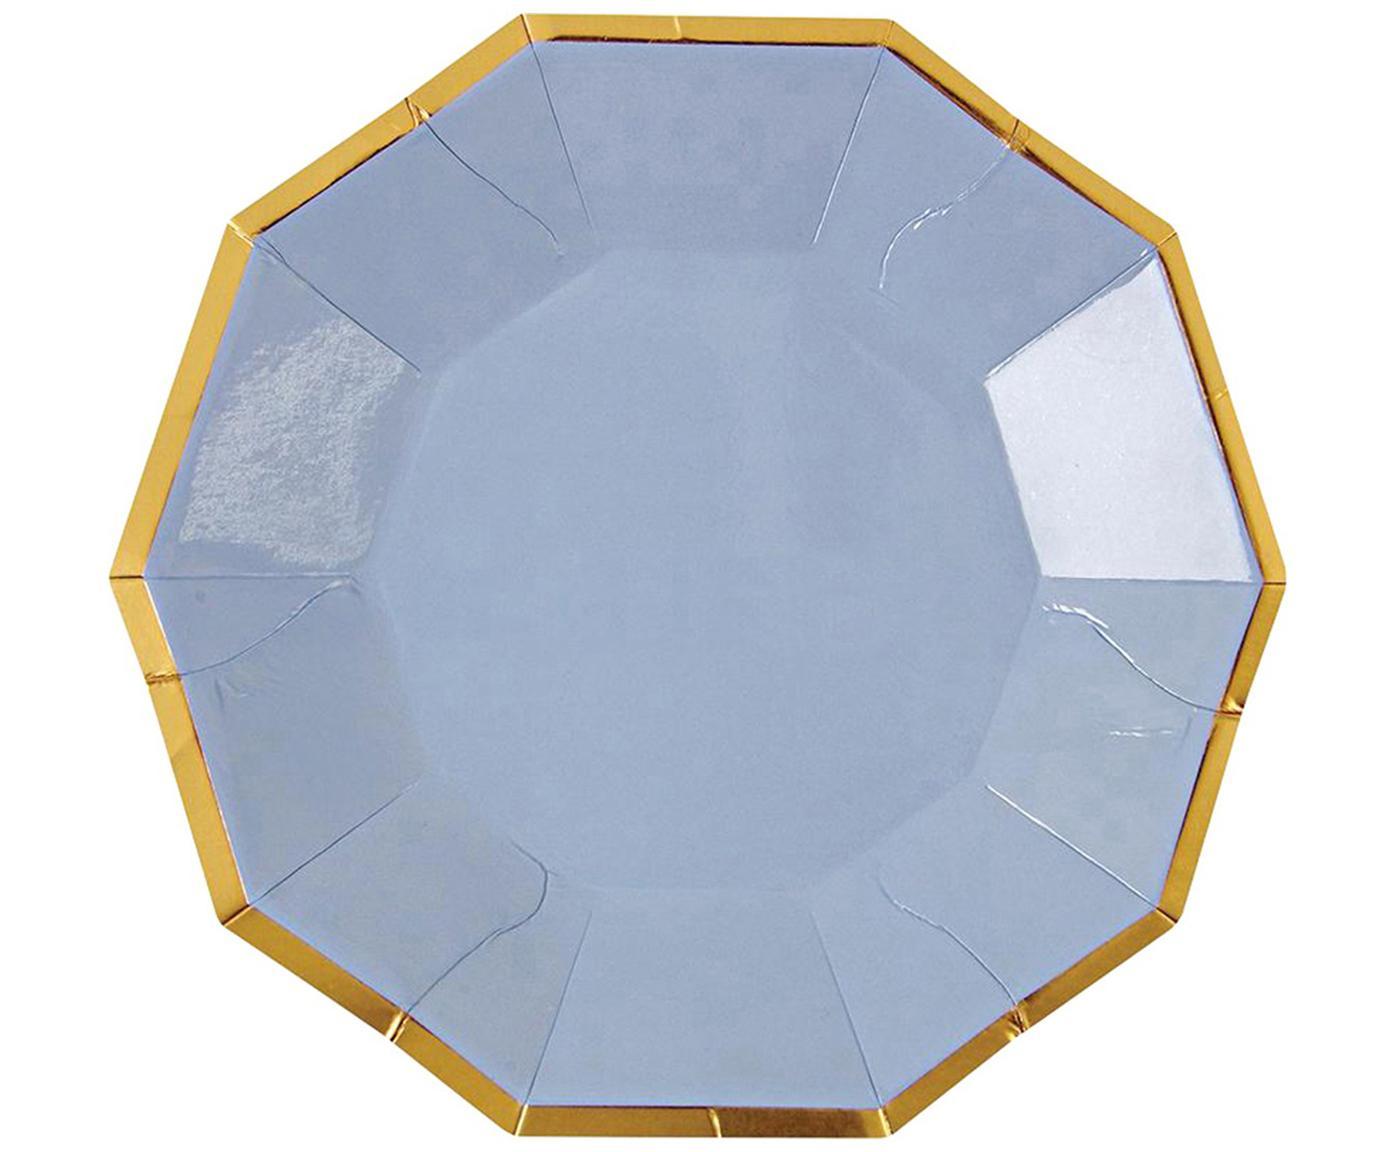 Talerz papierowy Bloom, 16 szt., Papier powlekany, Jasny niebieski, odcienie złotego, S 11 x W 11 cm